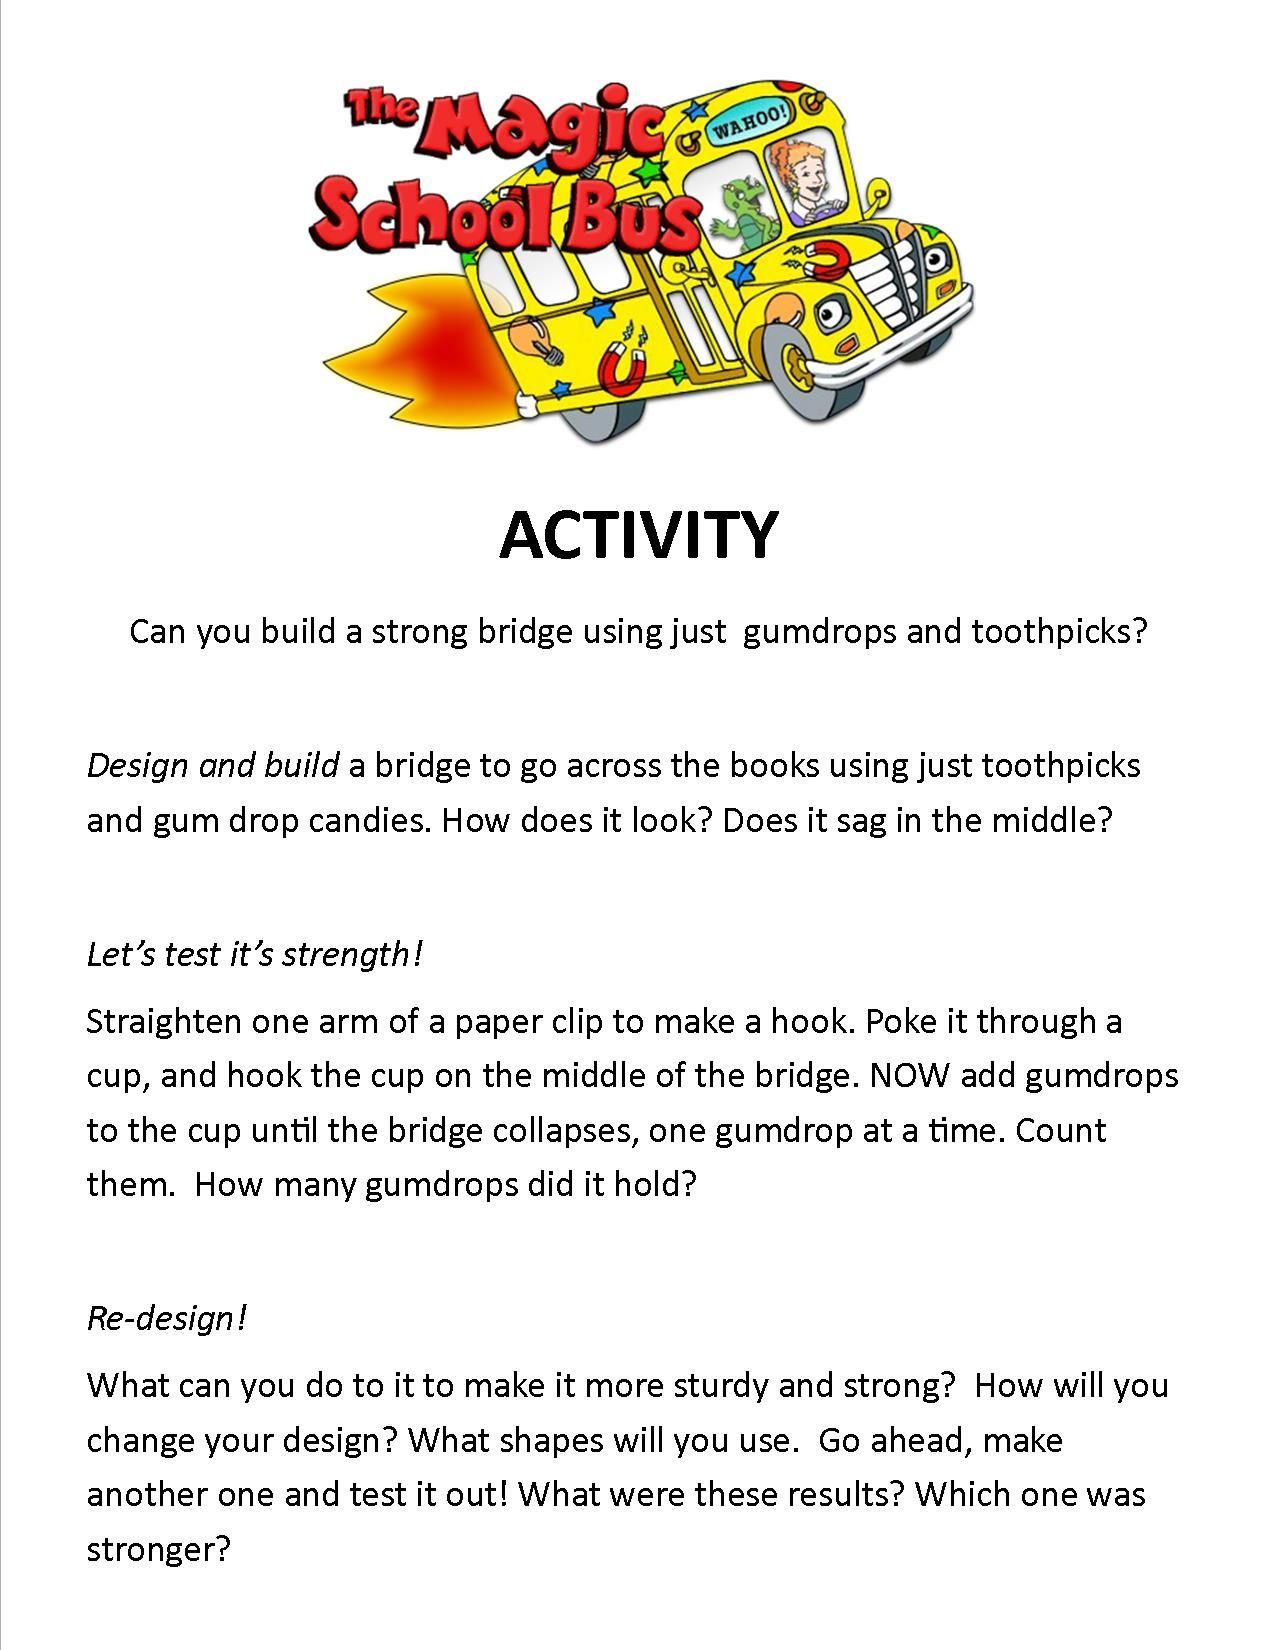 Gum Drop Bridges From Magic School Bus